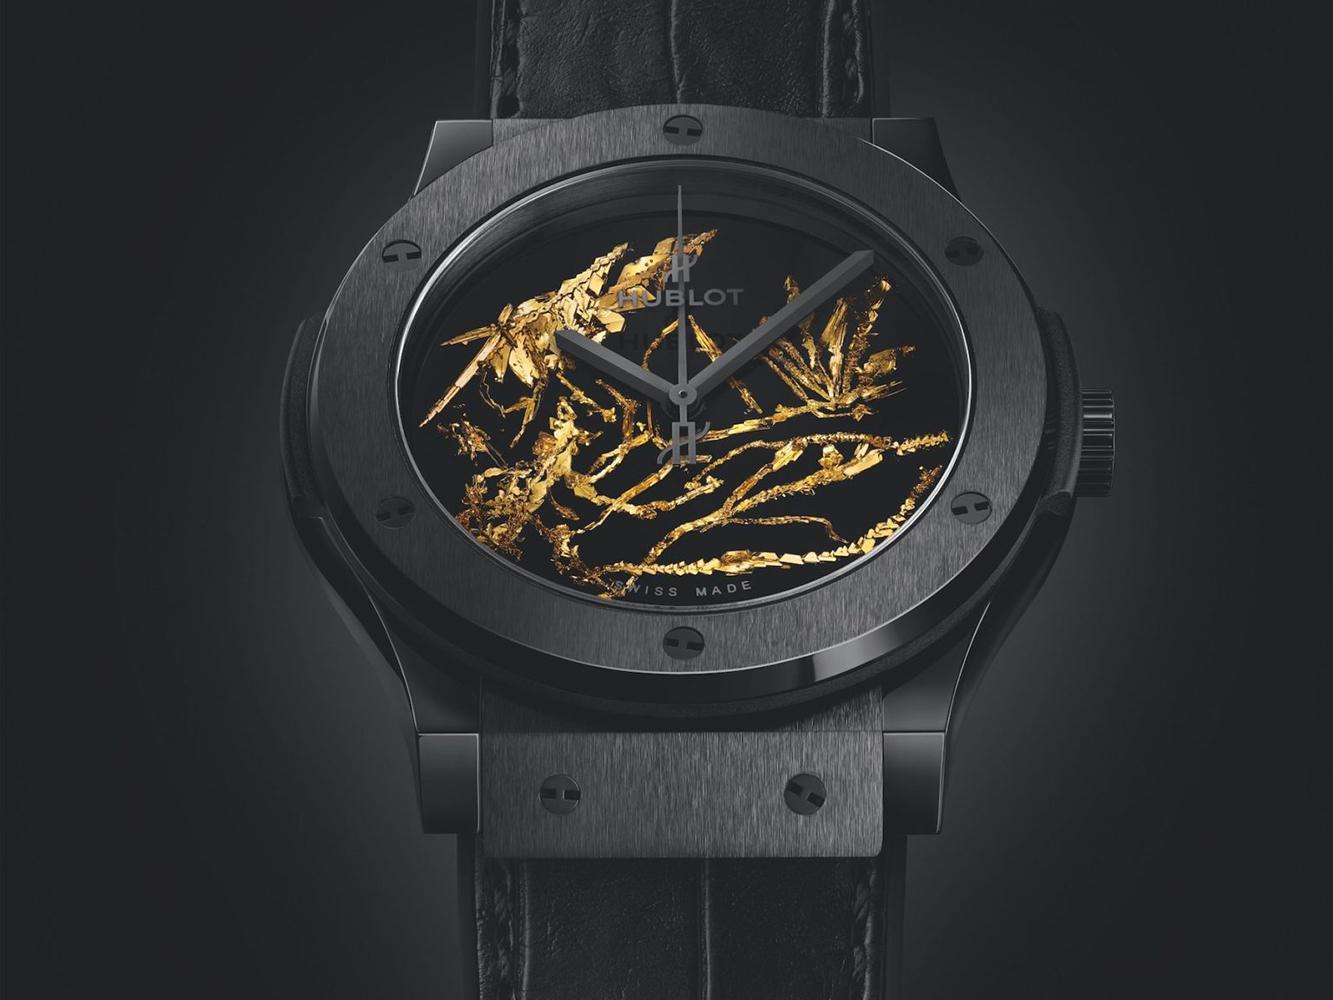 giới thiệu đồng hồ Hublot ra mắt đầu năm 2020